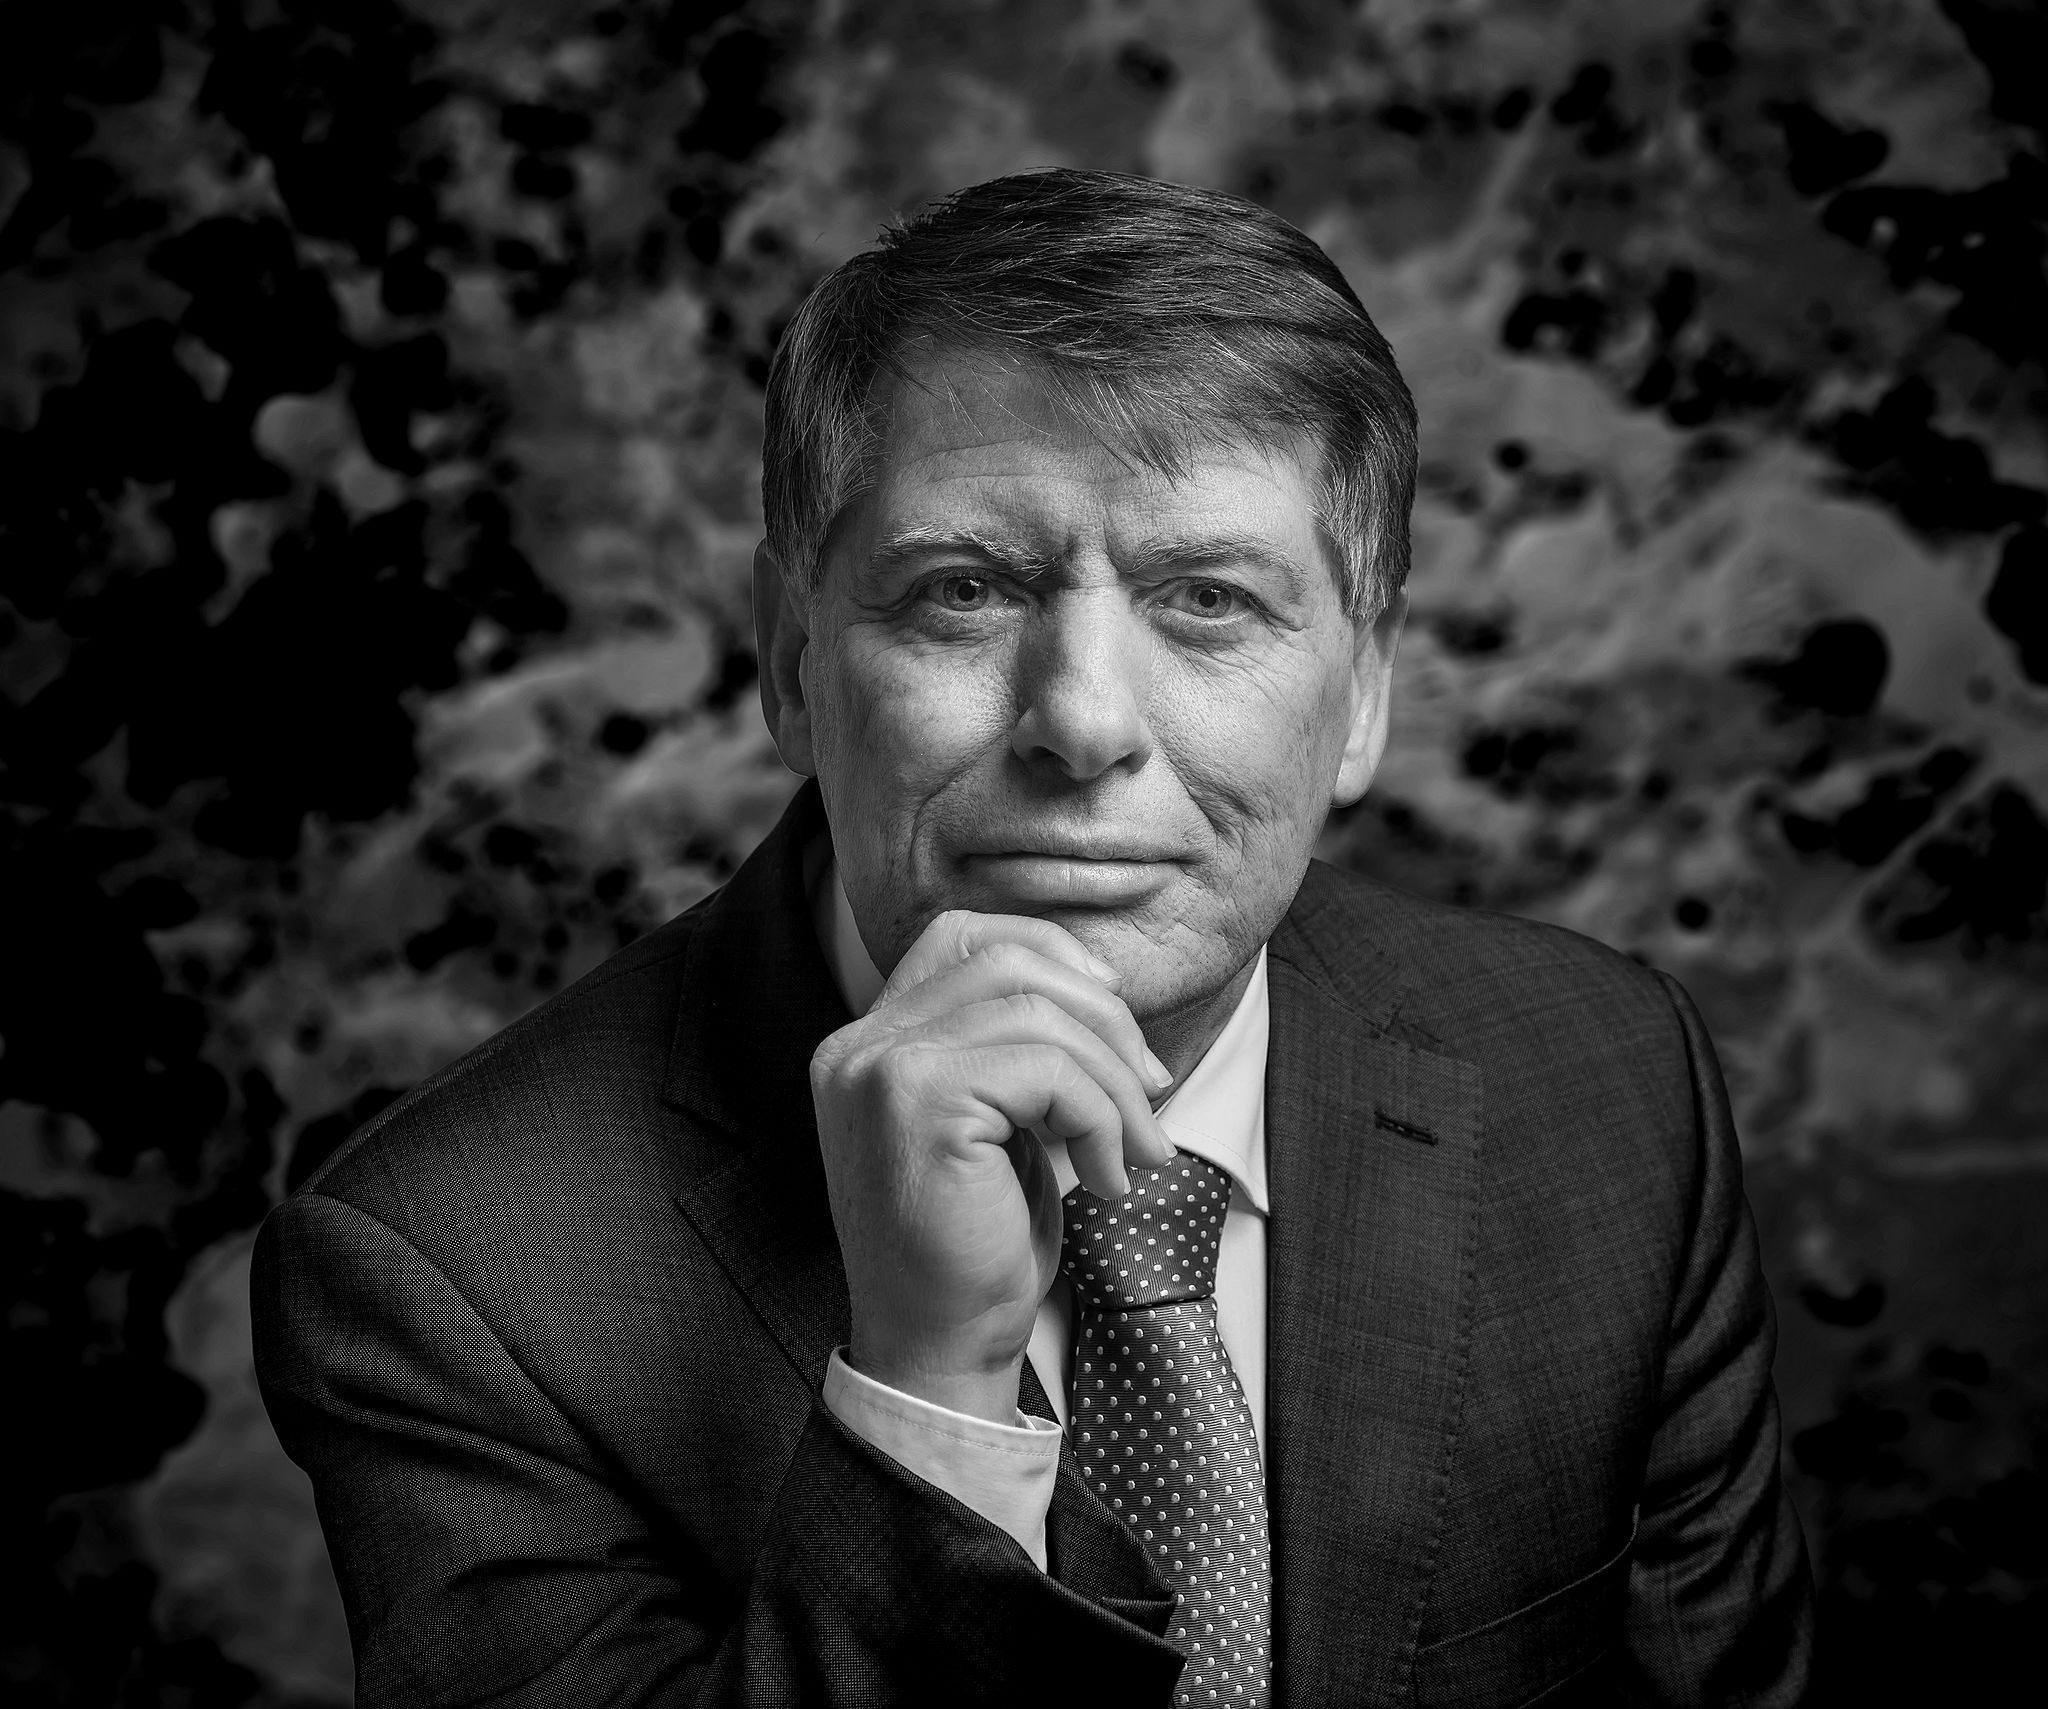 'De agrarische sector meer ruimte voor nodig, in plaats van minder,' zegt Sjaak van der Tak, voorzitter van LTO Nederland